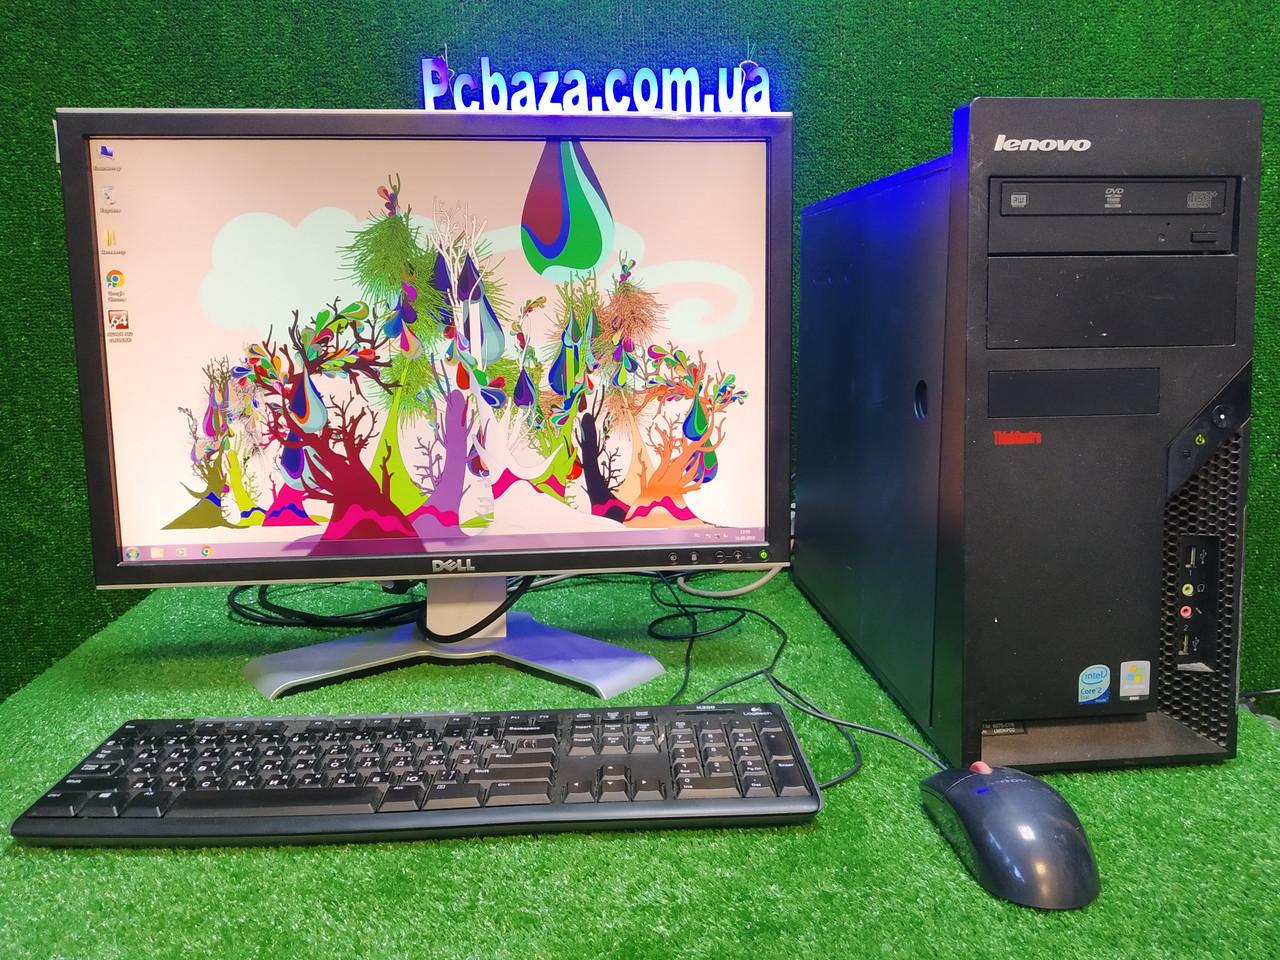 """Комплект игровой Lenovo, 4 ядра, 4 ГБ, 500 Гб HDD, ATI HD 7570 1GB +монитор 22"""" Dell"""